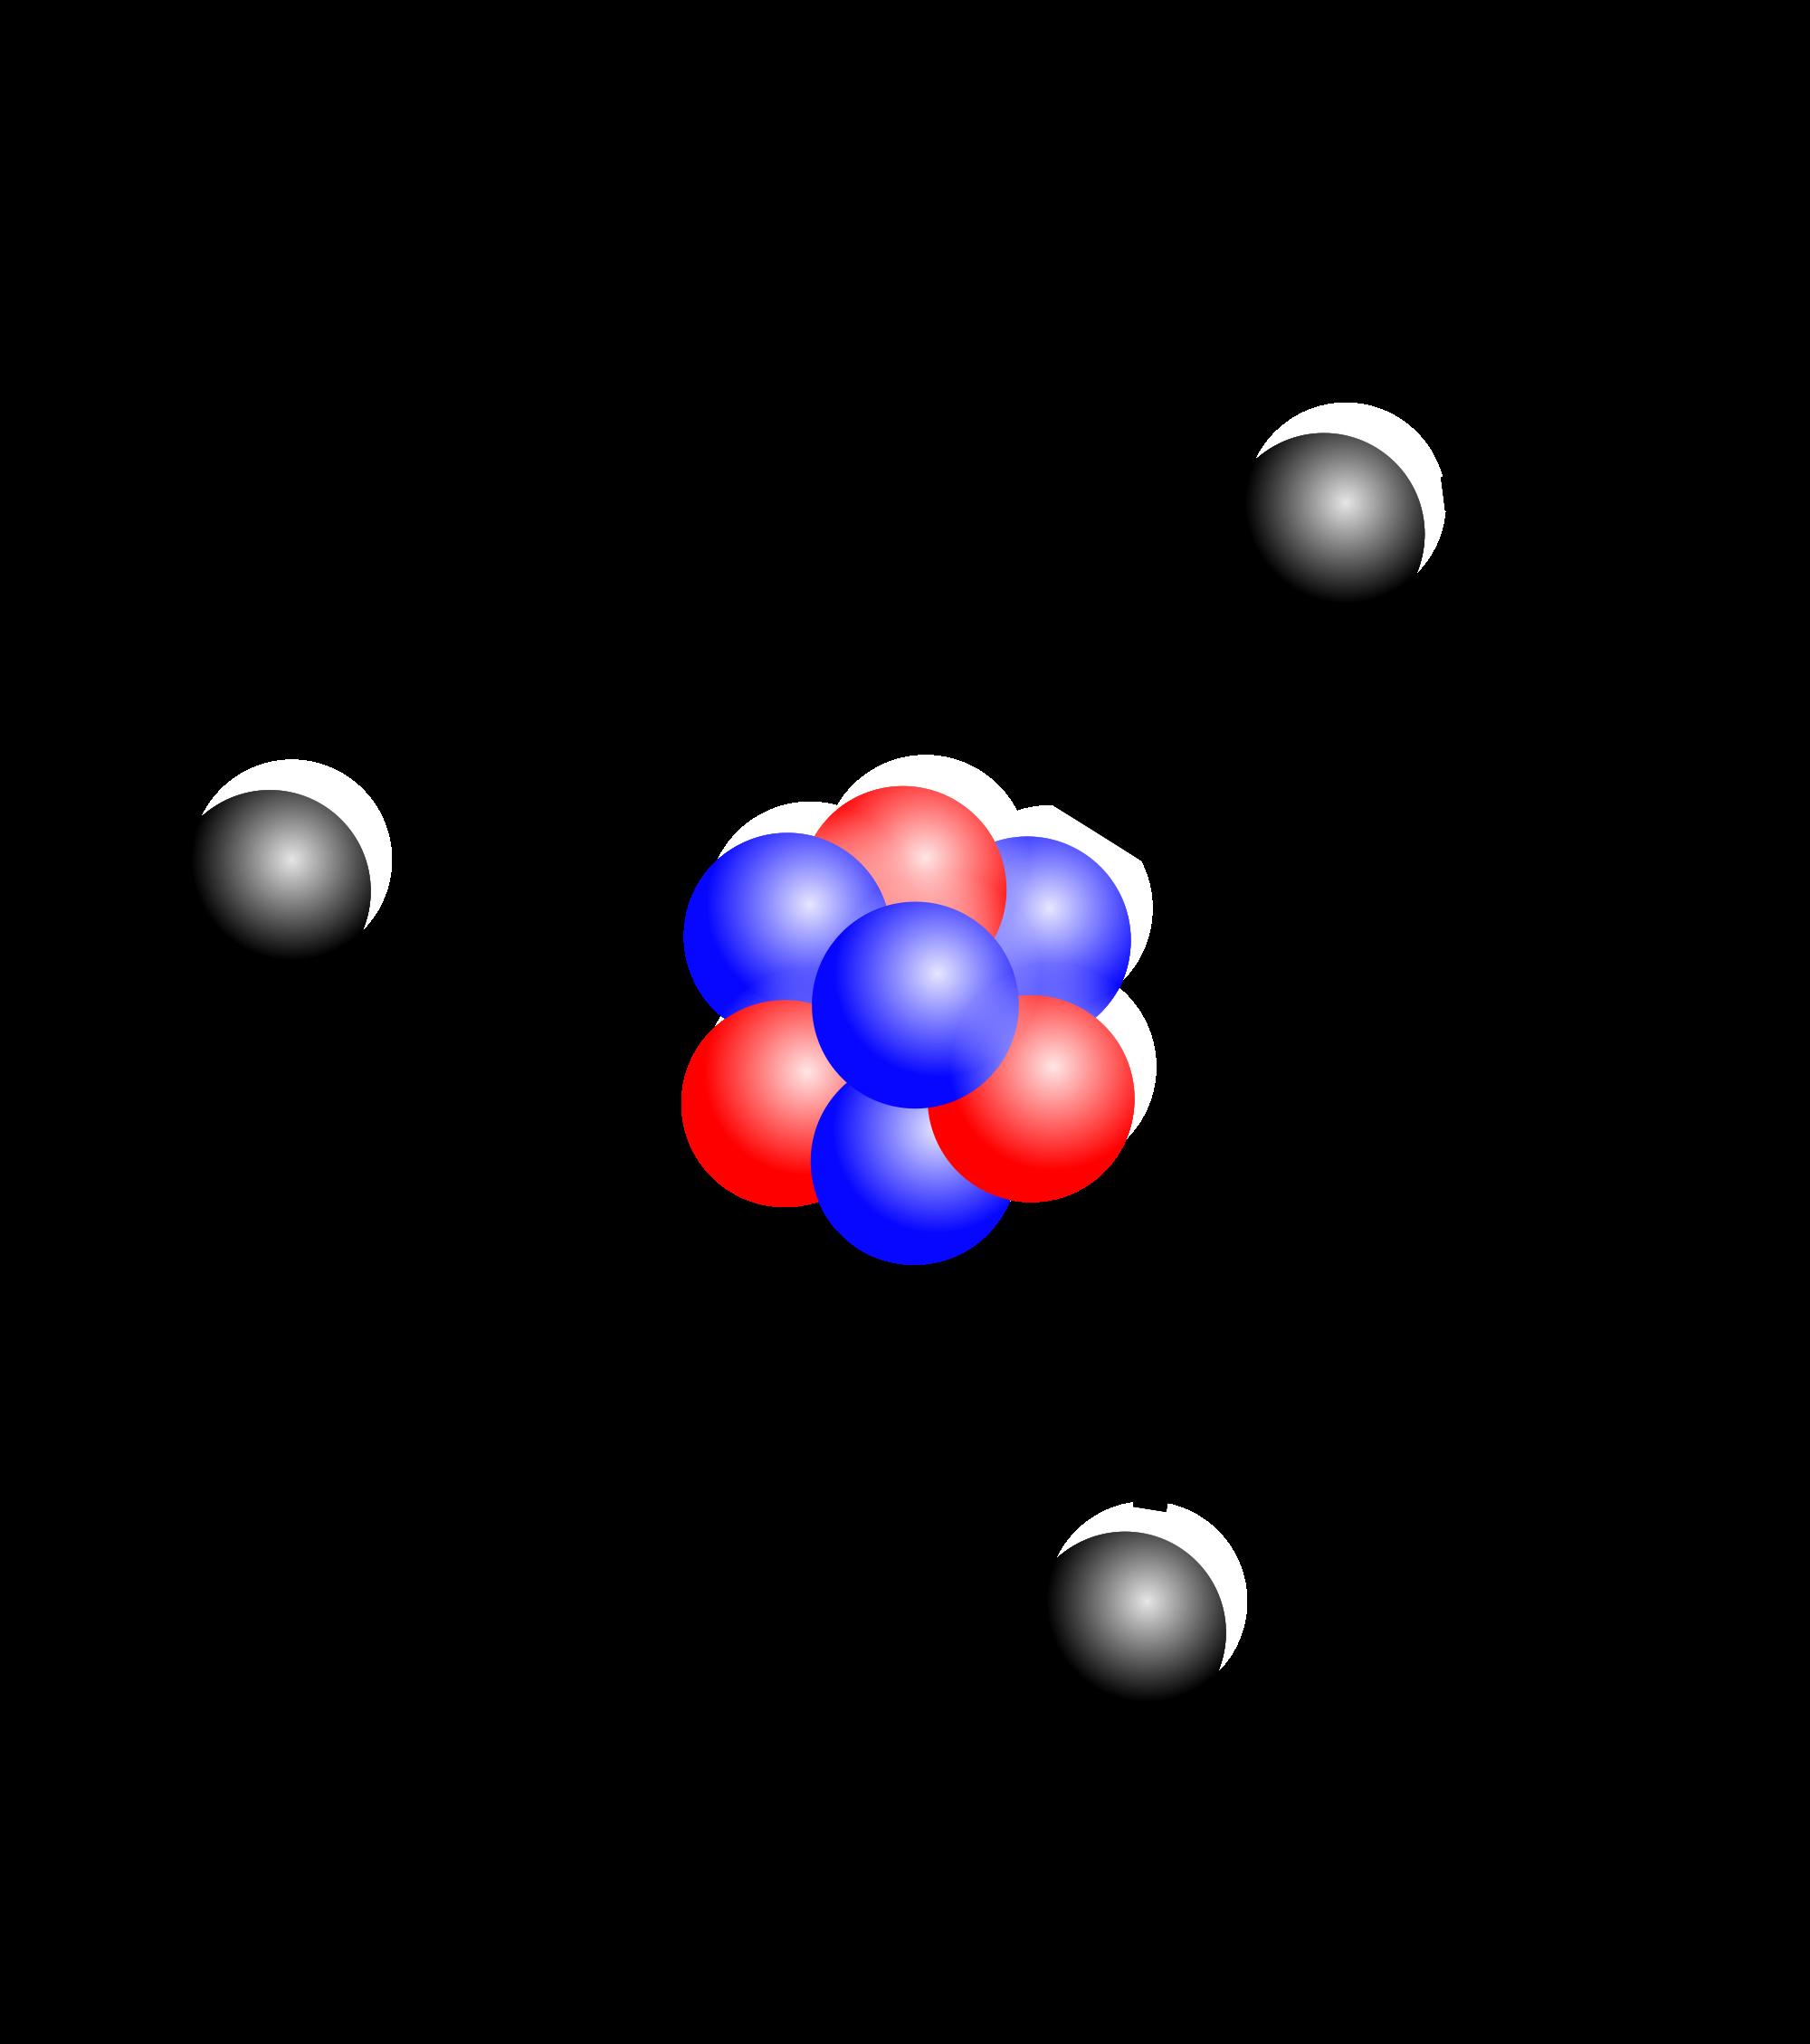 Estrutura de um átomo